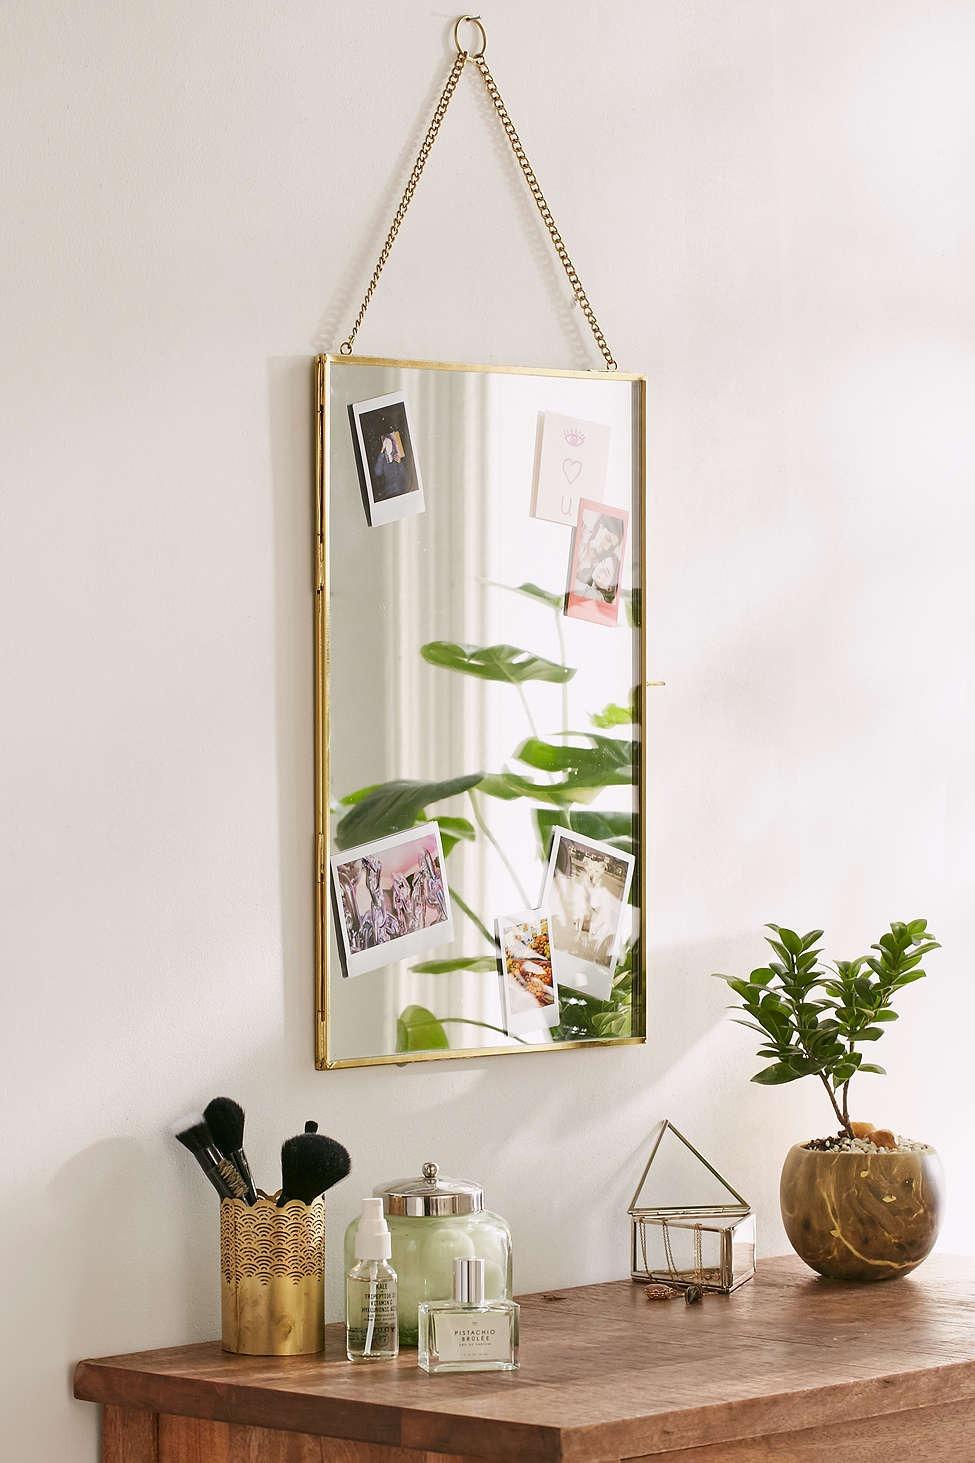 Рама для подвесного зеркала